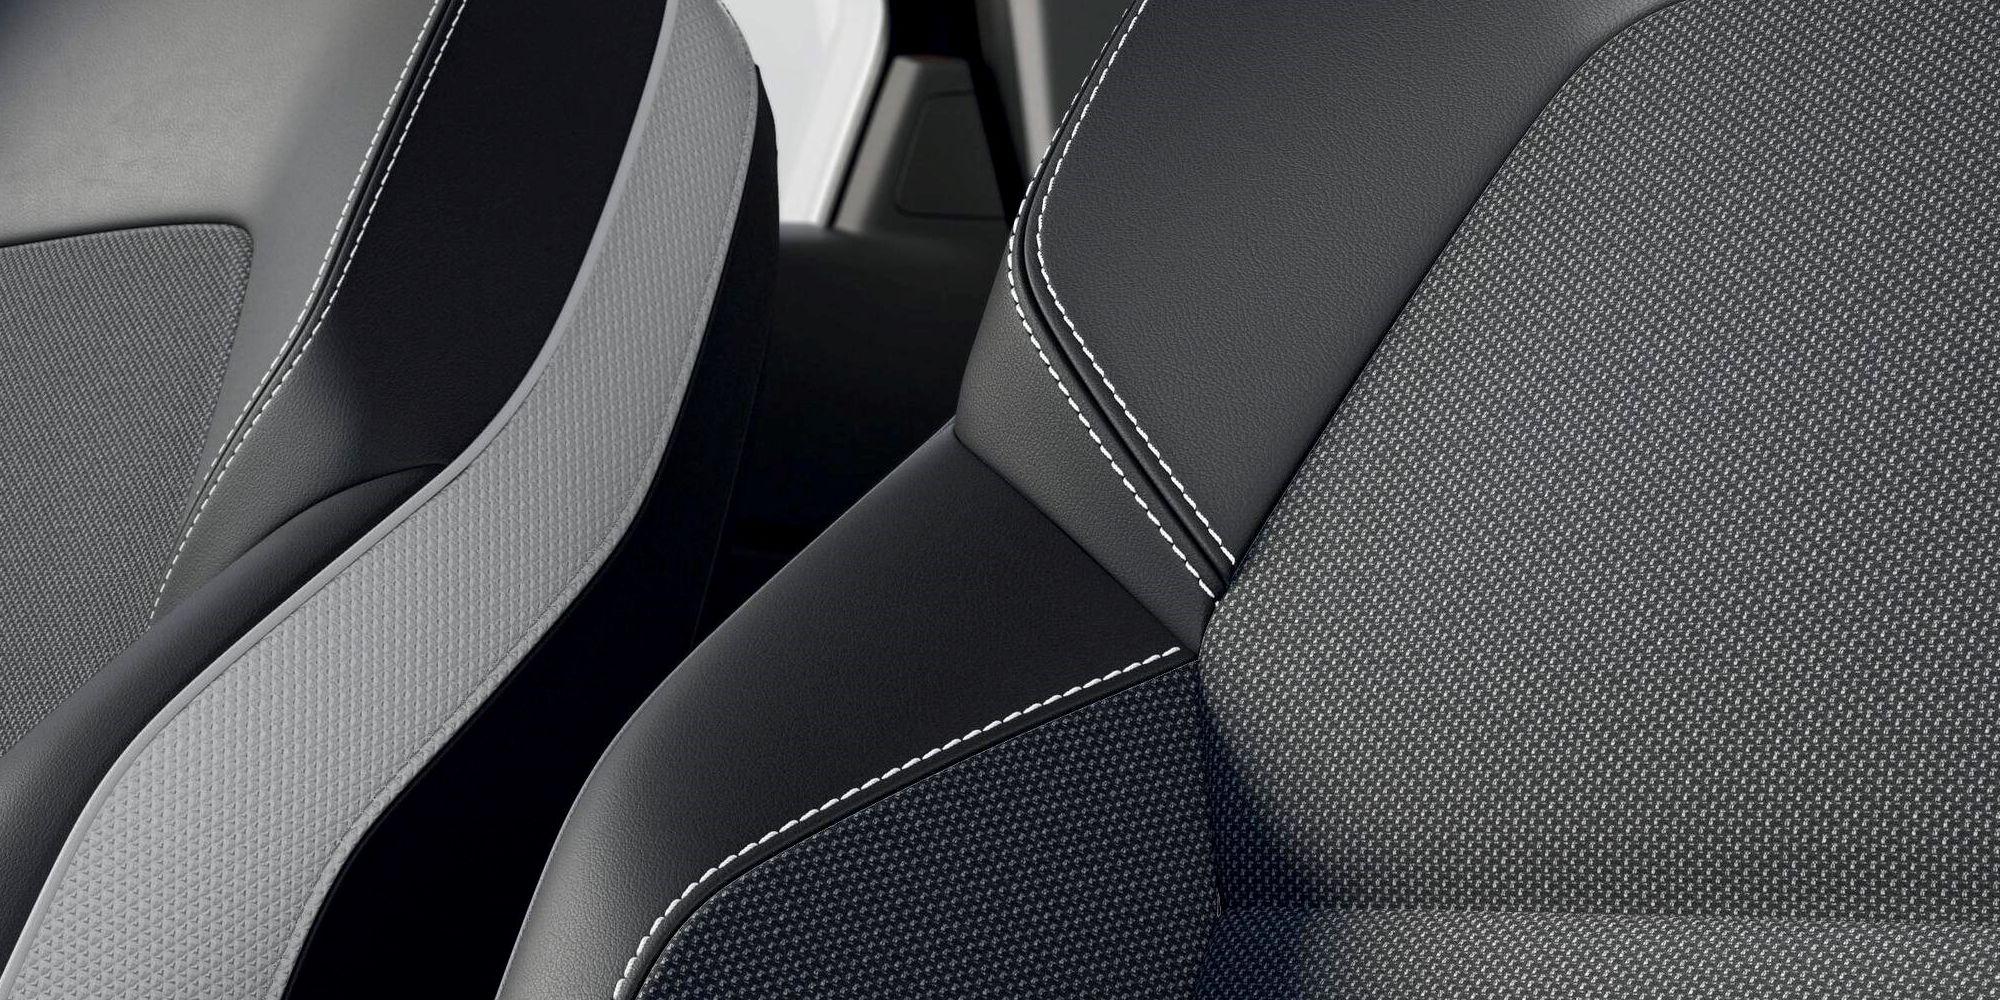 Musta ja halli värvi tekstiilist istmekatted